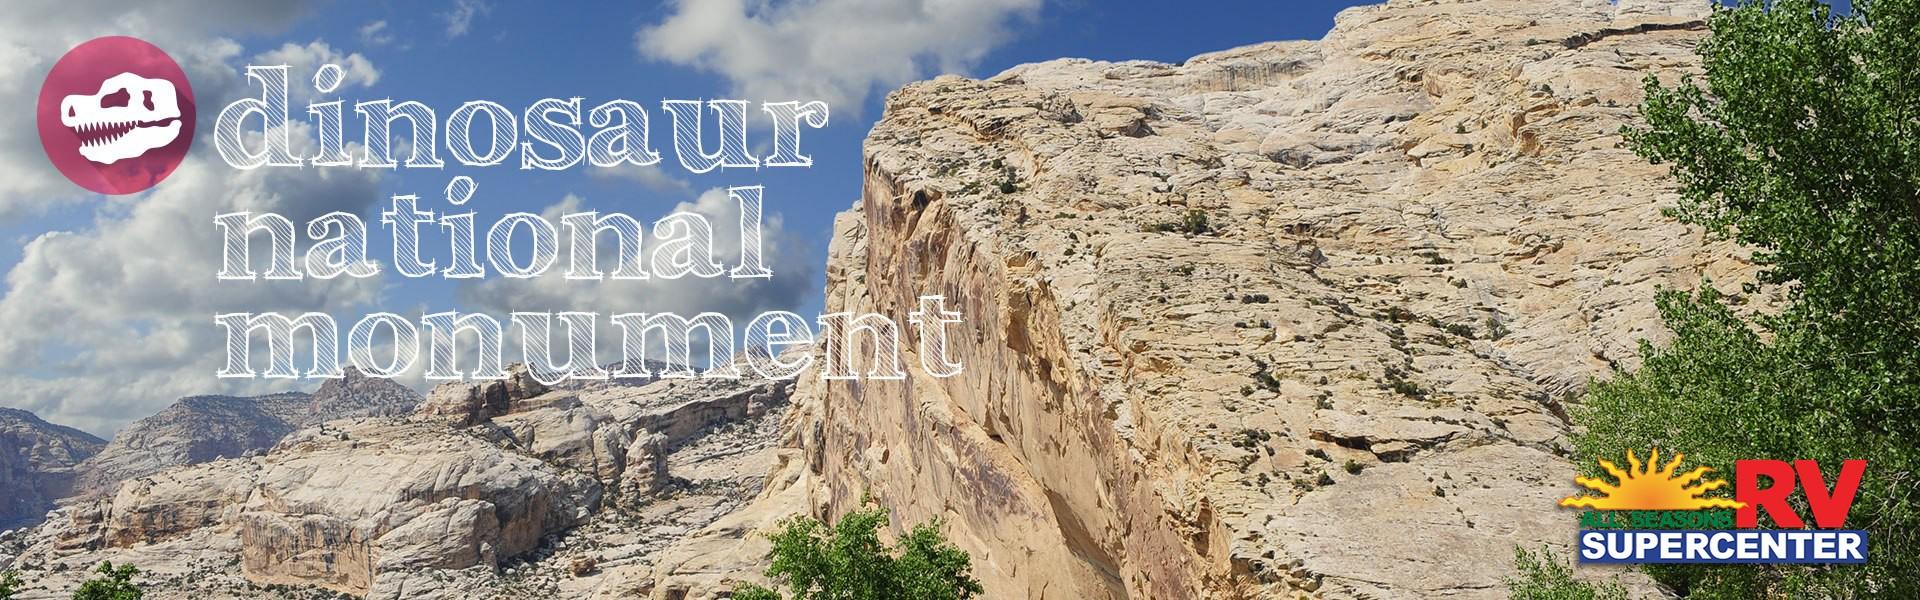 Dinosaur National Monument banner